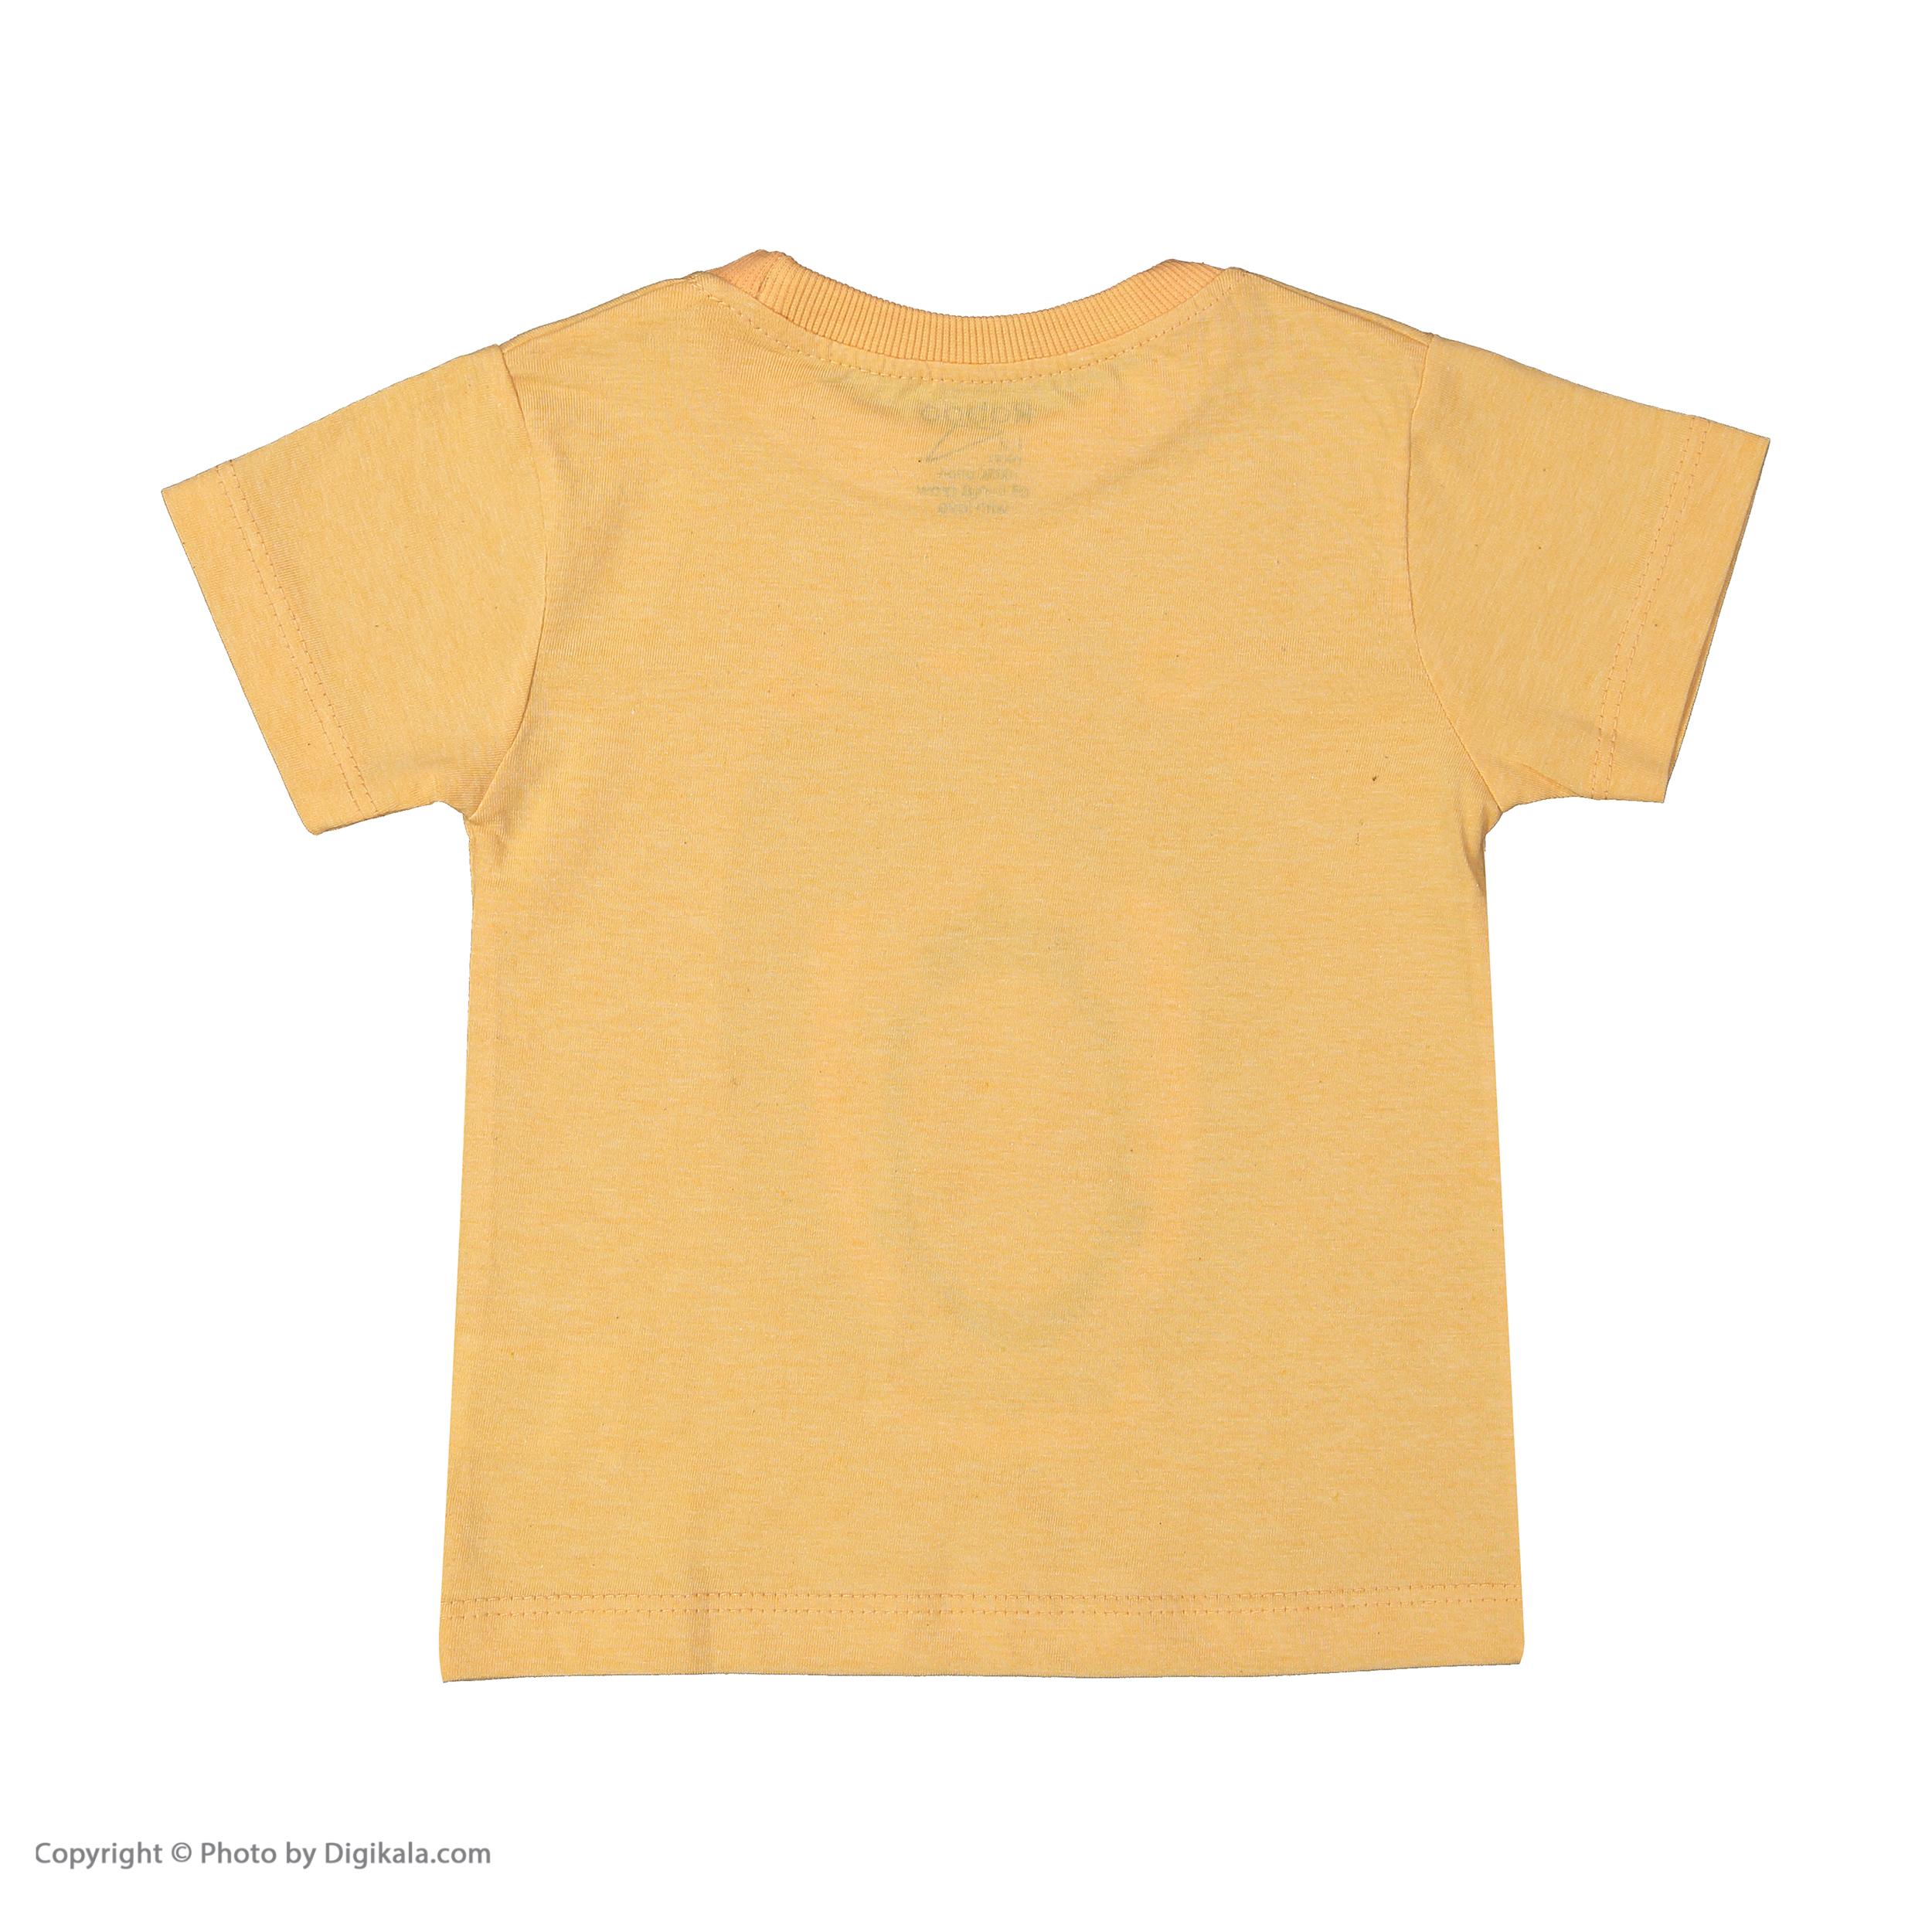 ست تی شرت و شلوار دخترانه رابو مدل 2051125-23 -  - 3